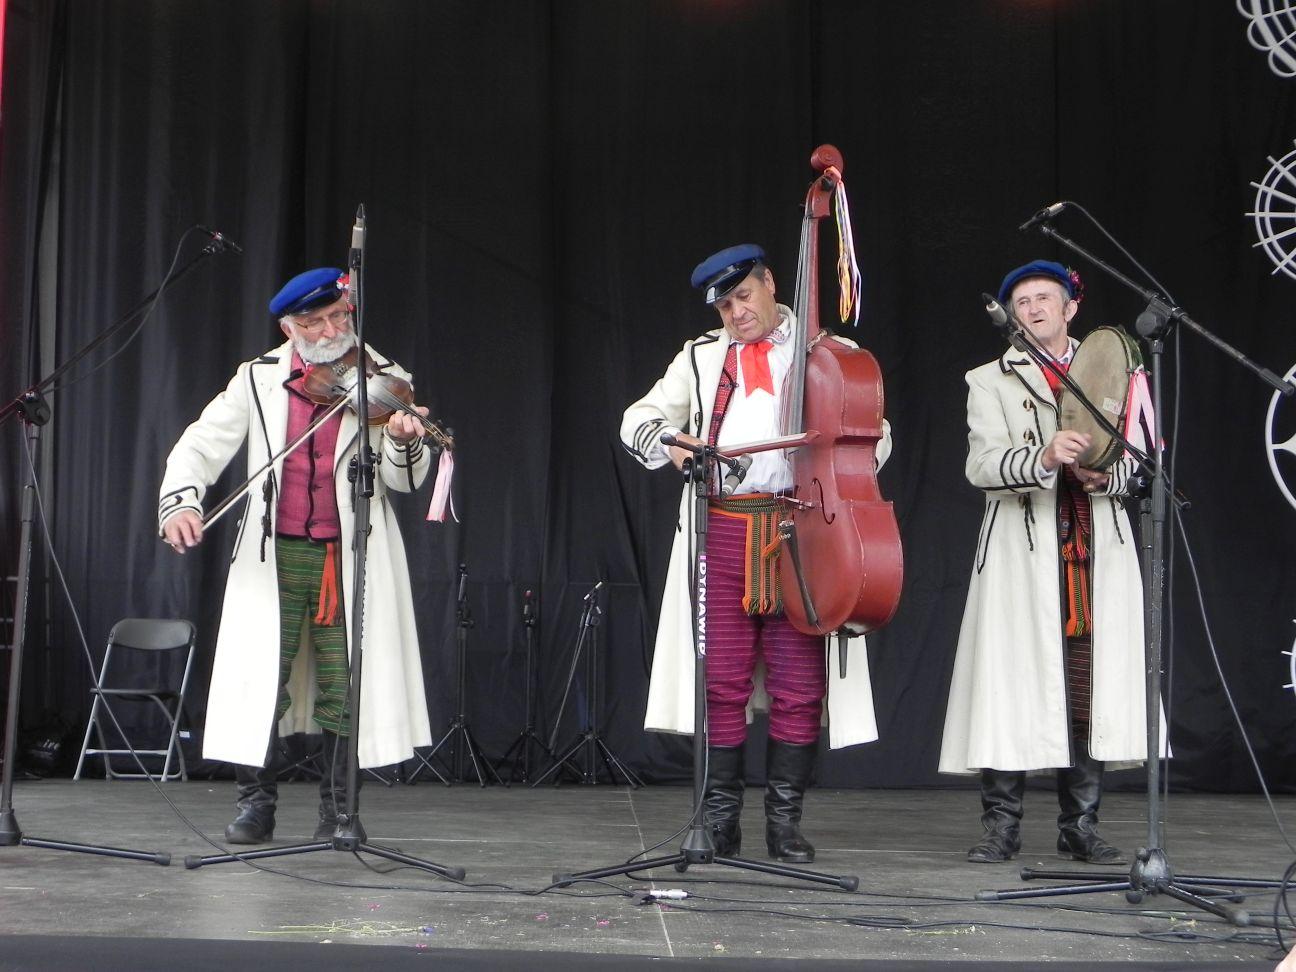 2017-06-24 Kazimierz Dolny - Jan Kępa, Władysław Chaber i Władysław Gmaj